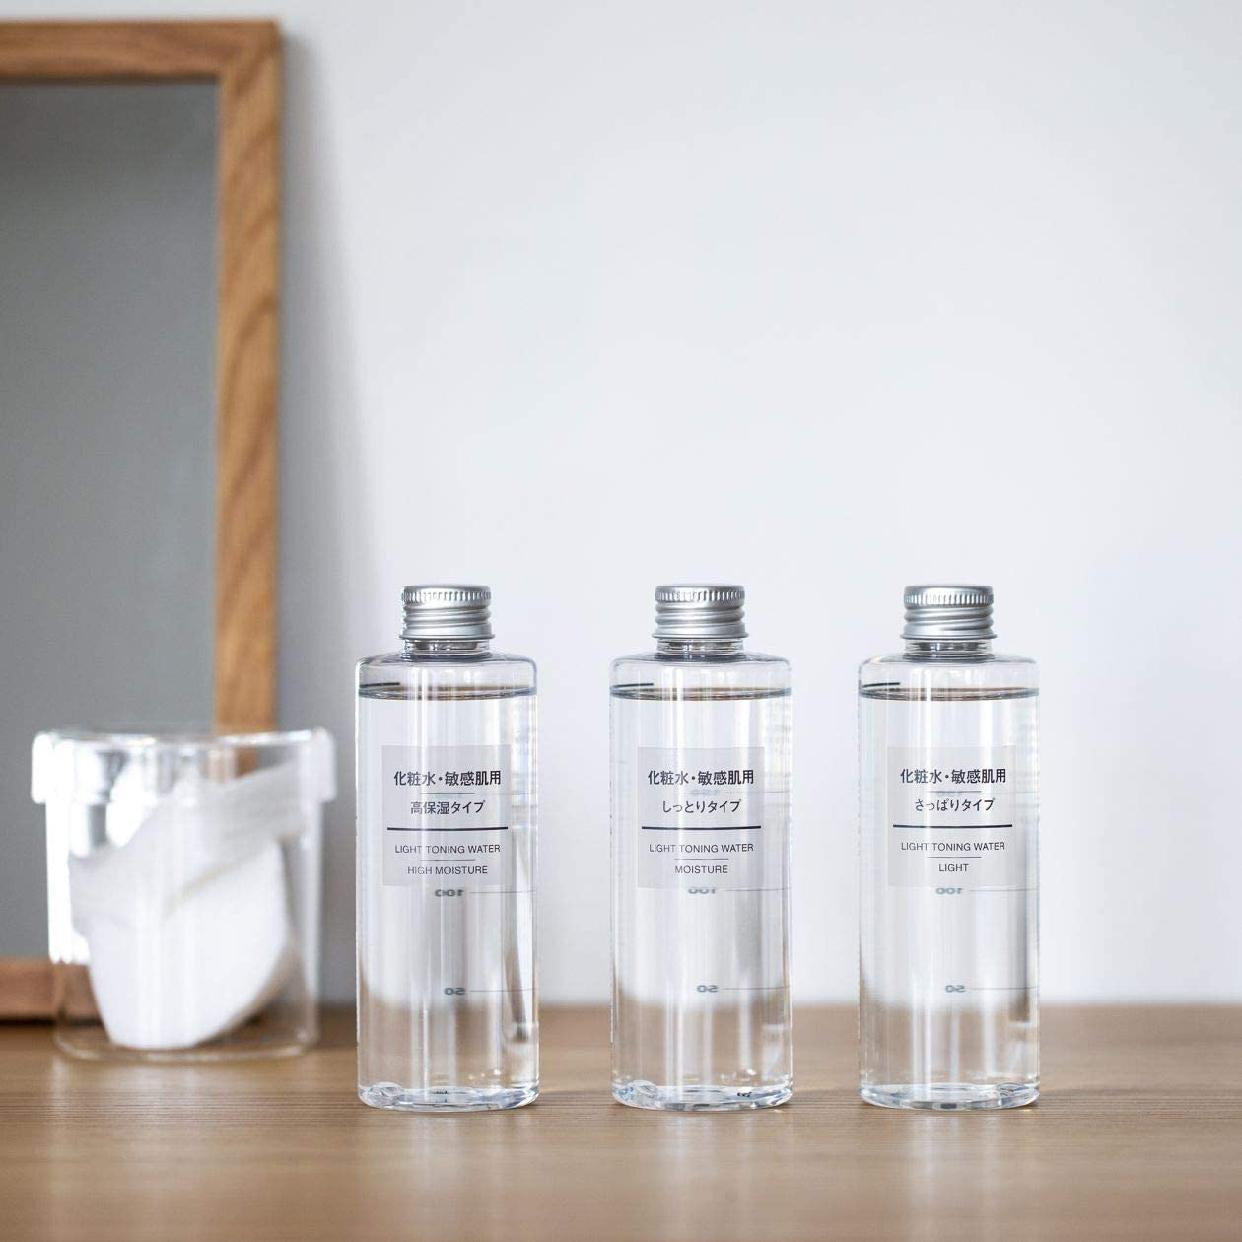 無印良品(むじるしりょうひん)化粧水 敏感肌用 高保湿タイプの商品画像11